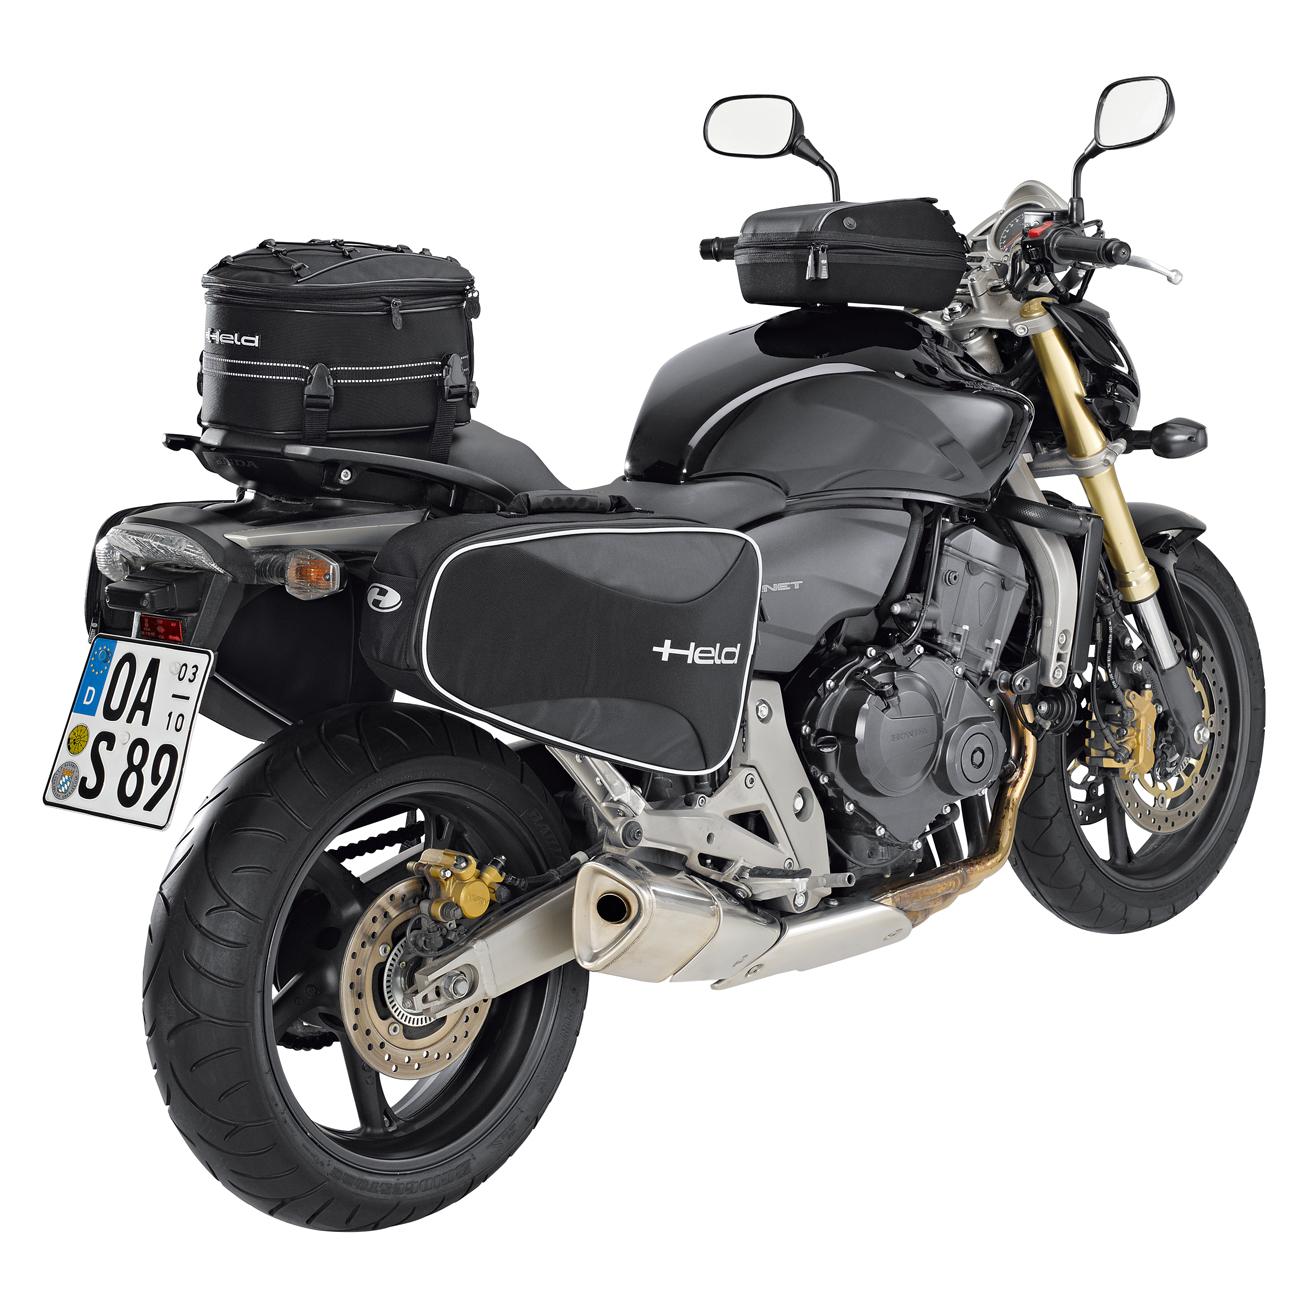 Held Motorrad